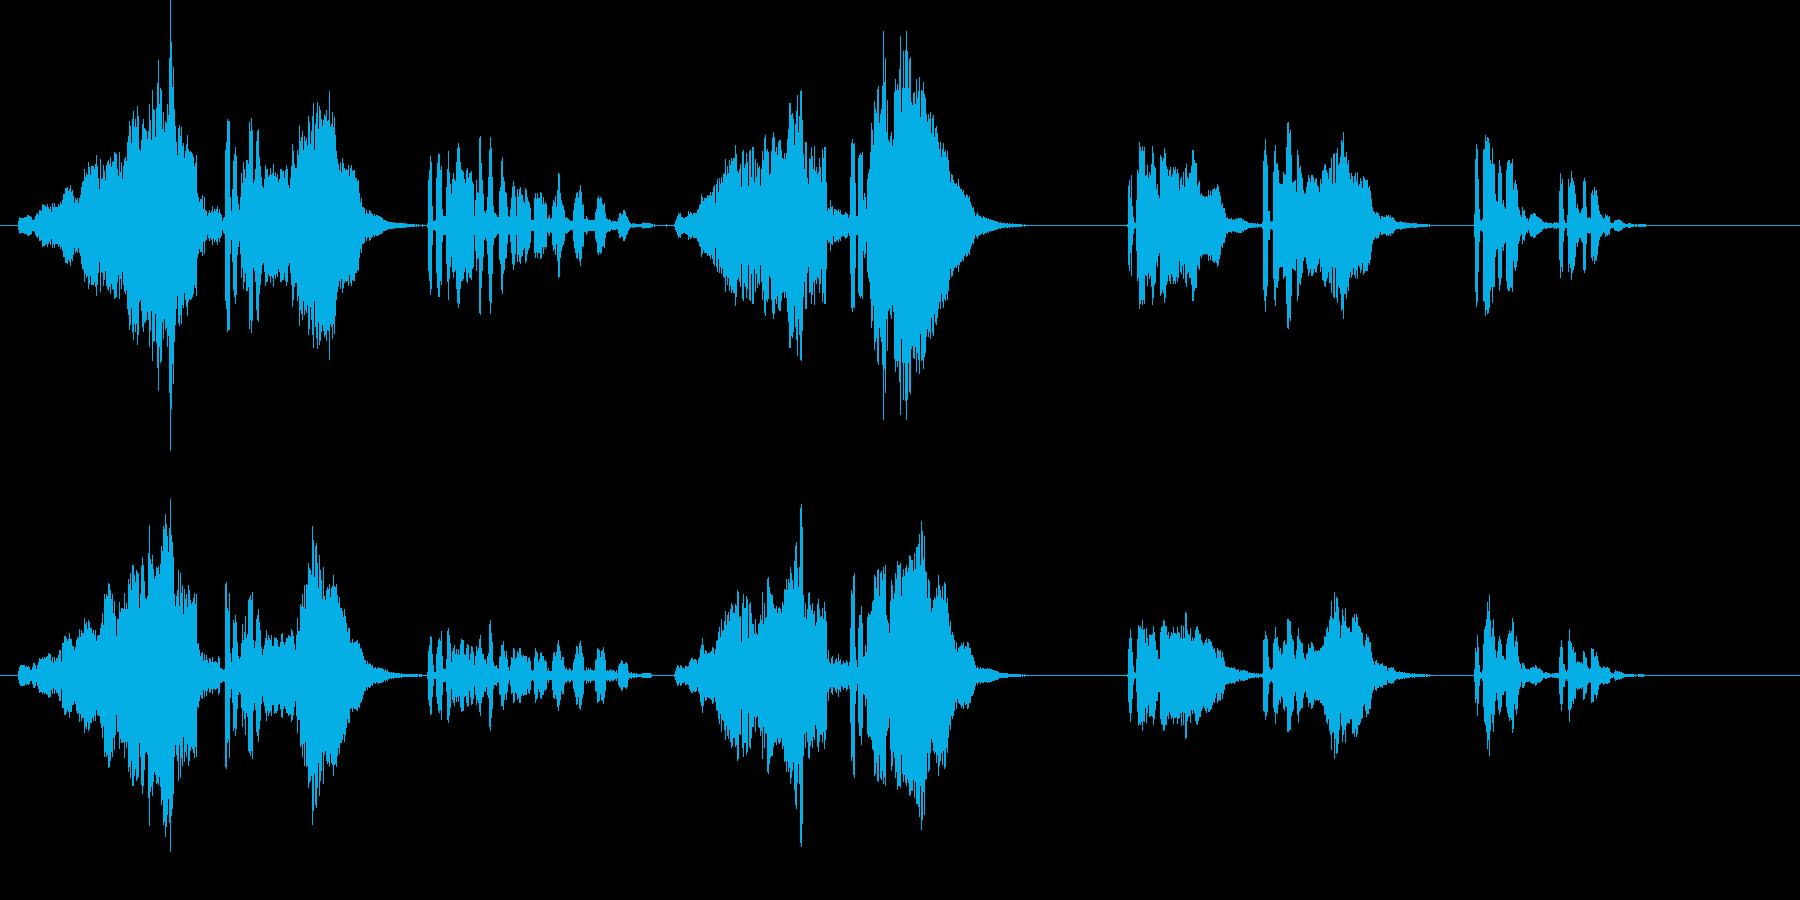 うぐいす3エコー長梅に鶯春鳴き声初音ホーの再生済みの波形